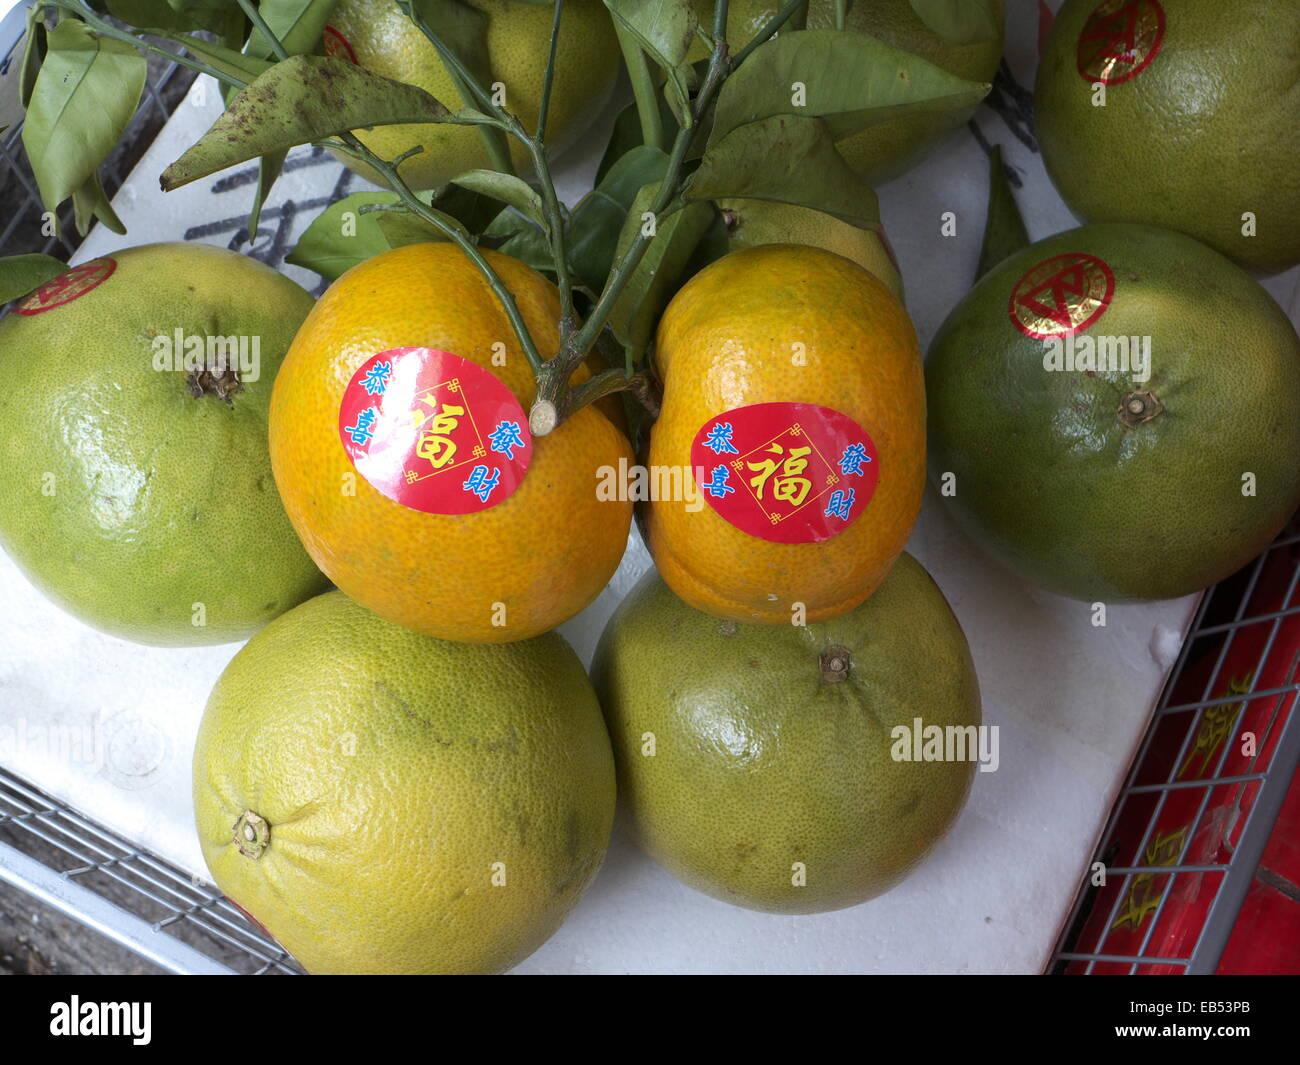 Cina nuovo anno lunare cinese mandarino arancione con doppia etichetta di felicità Immagini Stock